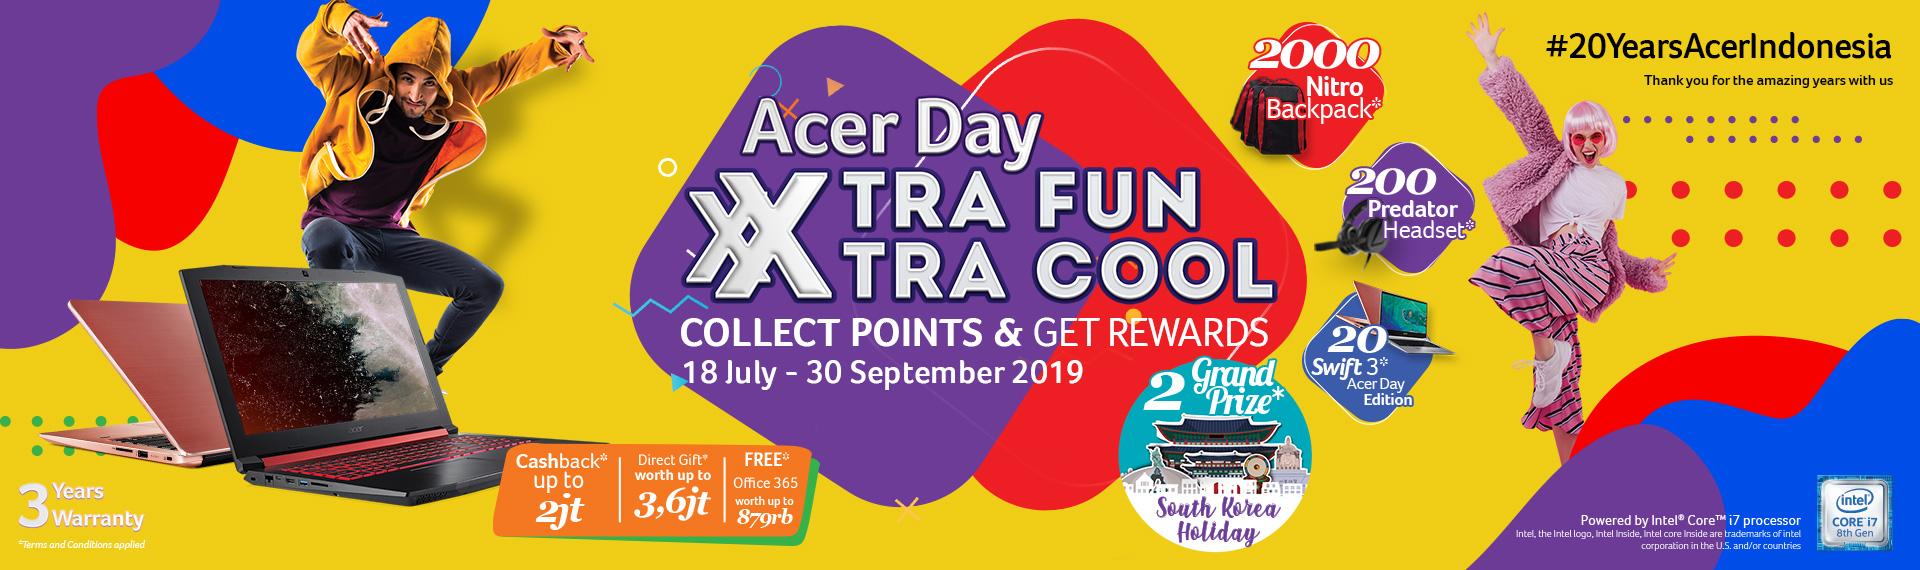 Beli Produk Acer selama Acer Day 2019 dan Raih Kesempatan Menangin Total 2222 Hadiah Menarik serta Promo Spesial!